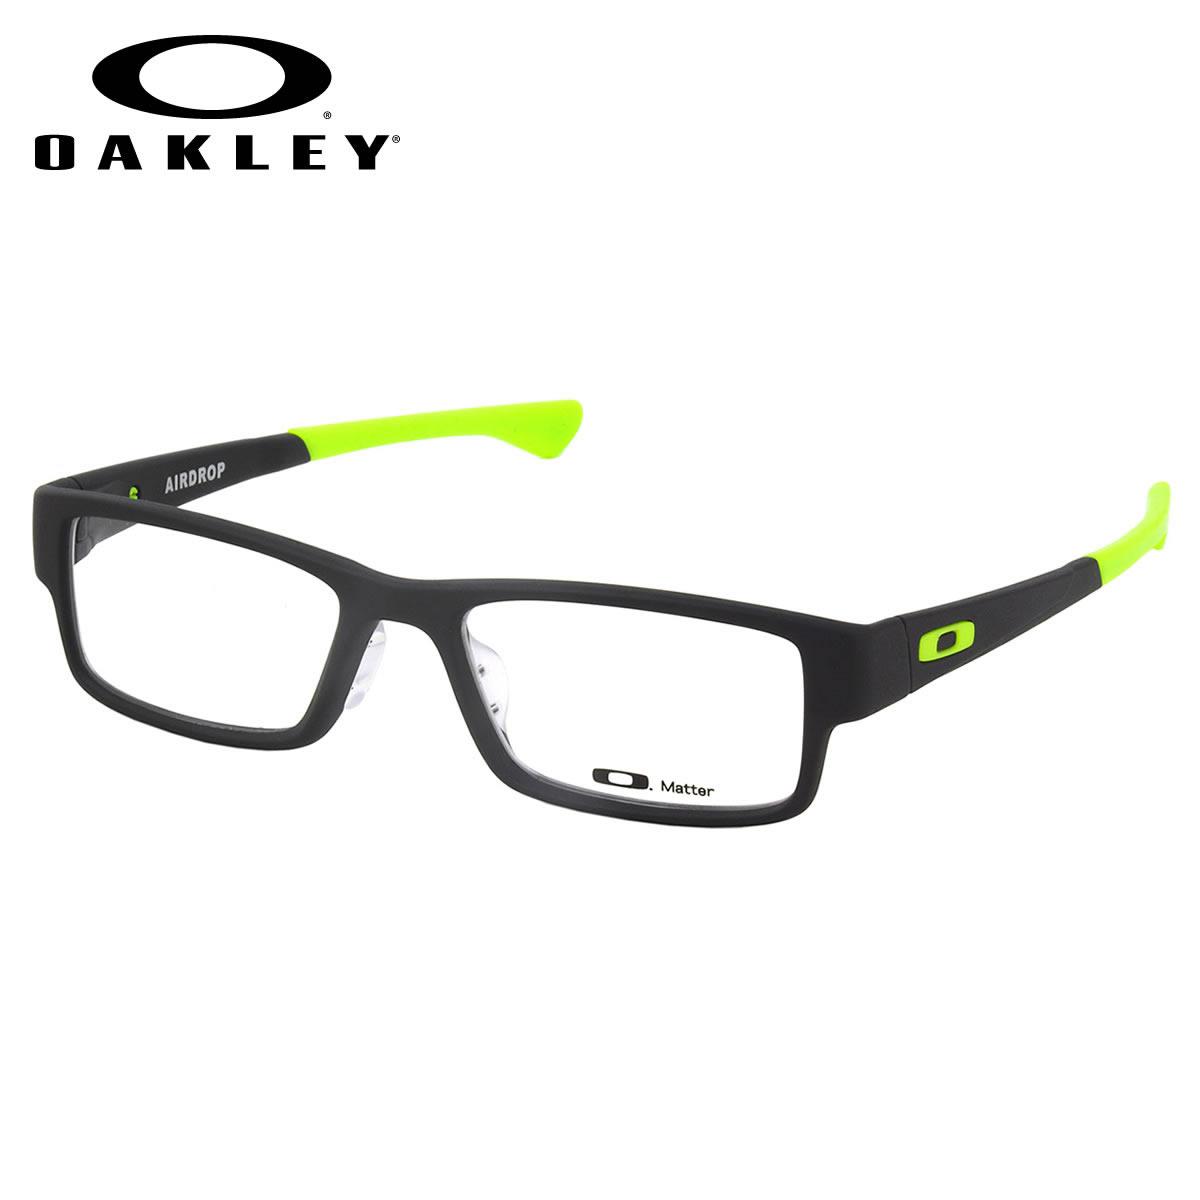 ほぼ全品ポイント15倍~最大43倍+3倍!お得なクーポンも! 【オークリー】 (OAKLEY) メガネOX8065-0755AIRDROP ASIA FIT Satin Black Retina Burnエアドロップ アジアフィット スクエアOAKLEY 伊達メガネレンズ無料 メンズ レディース